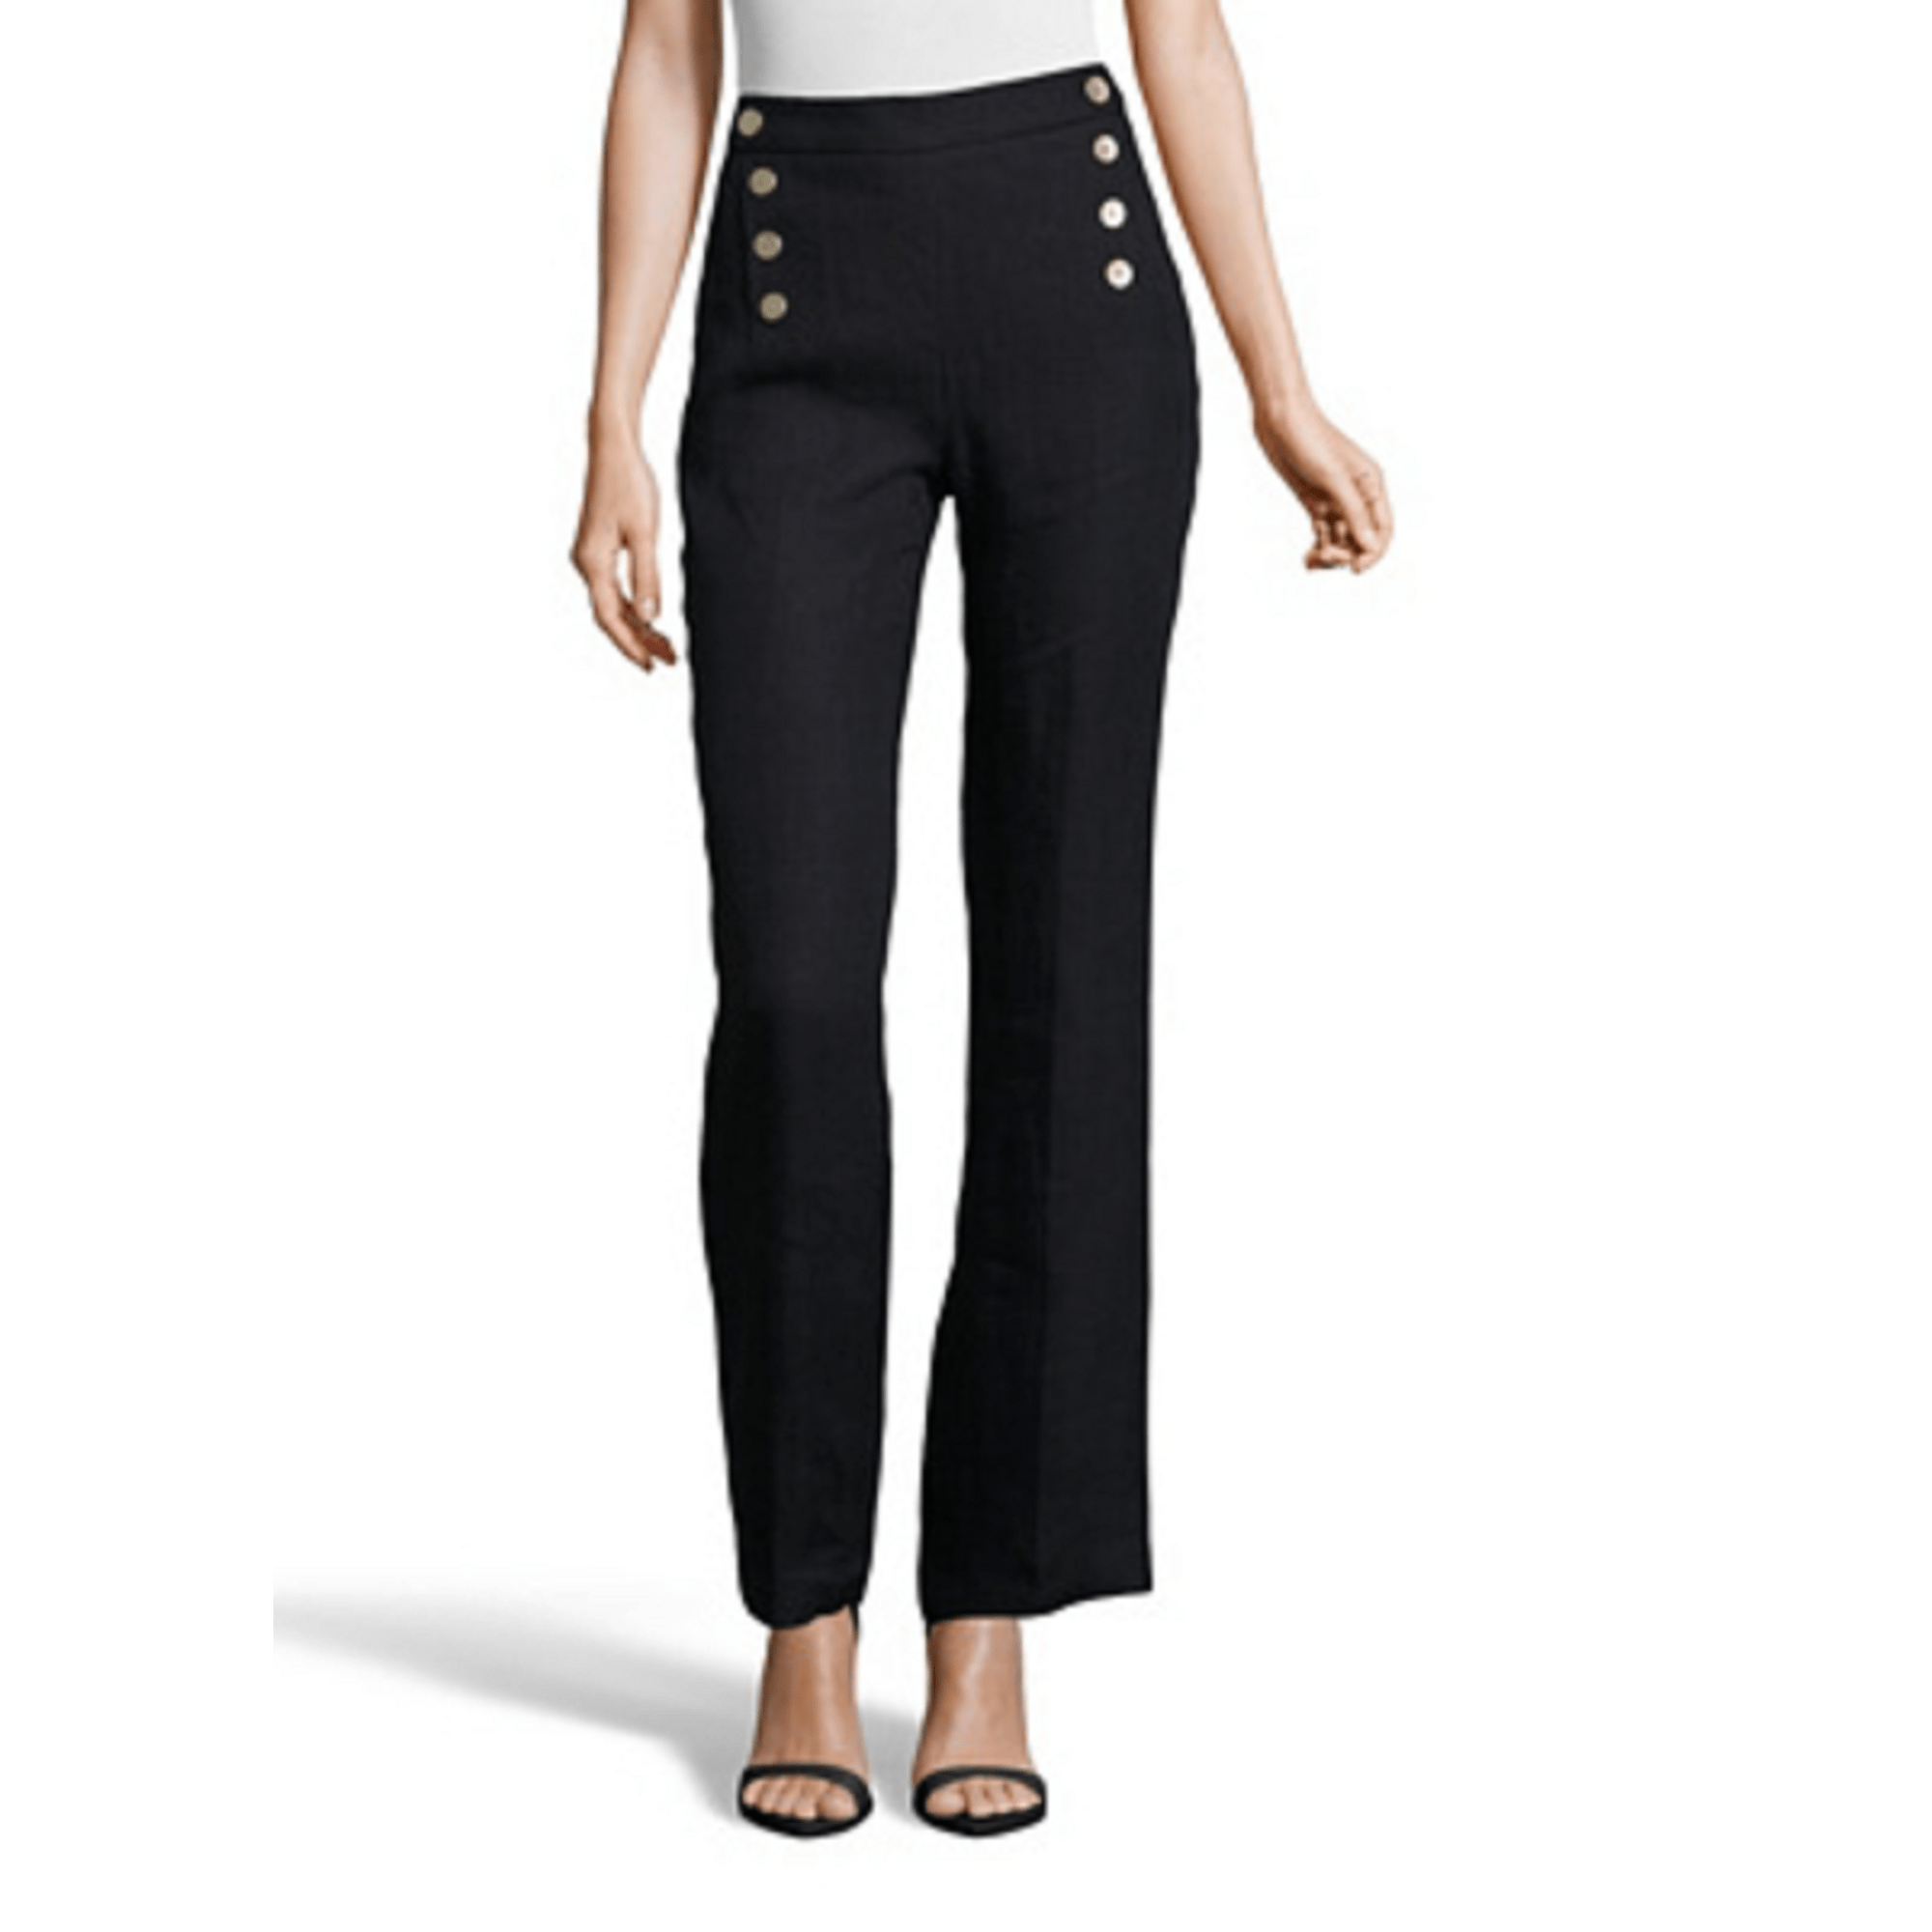 ad836bc5952 Pantalon droit CAROLL 36 (S